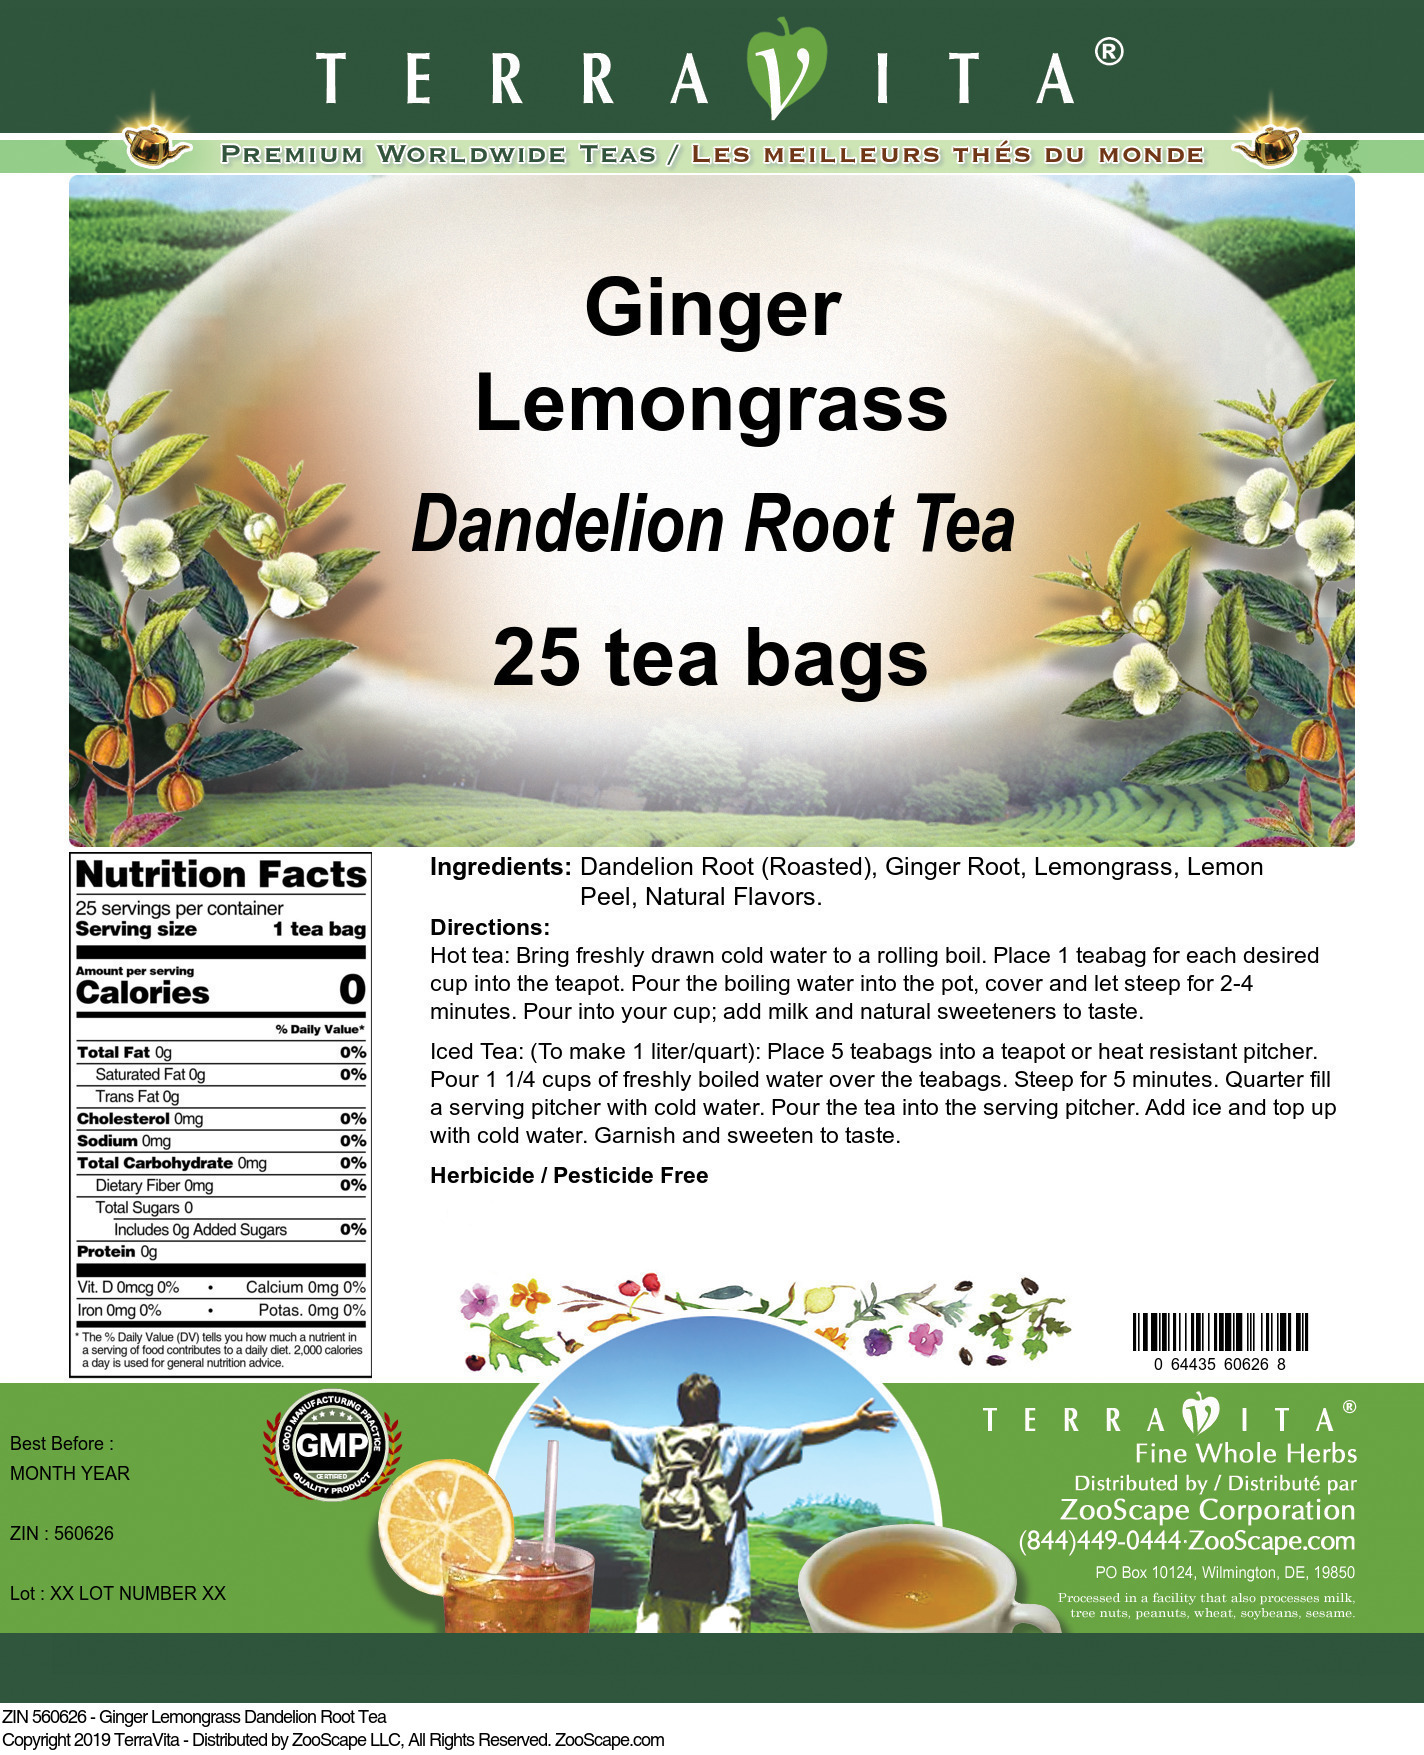 Ginger Lemongrass Dandelion Root